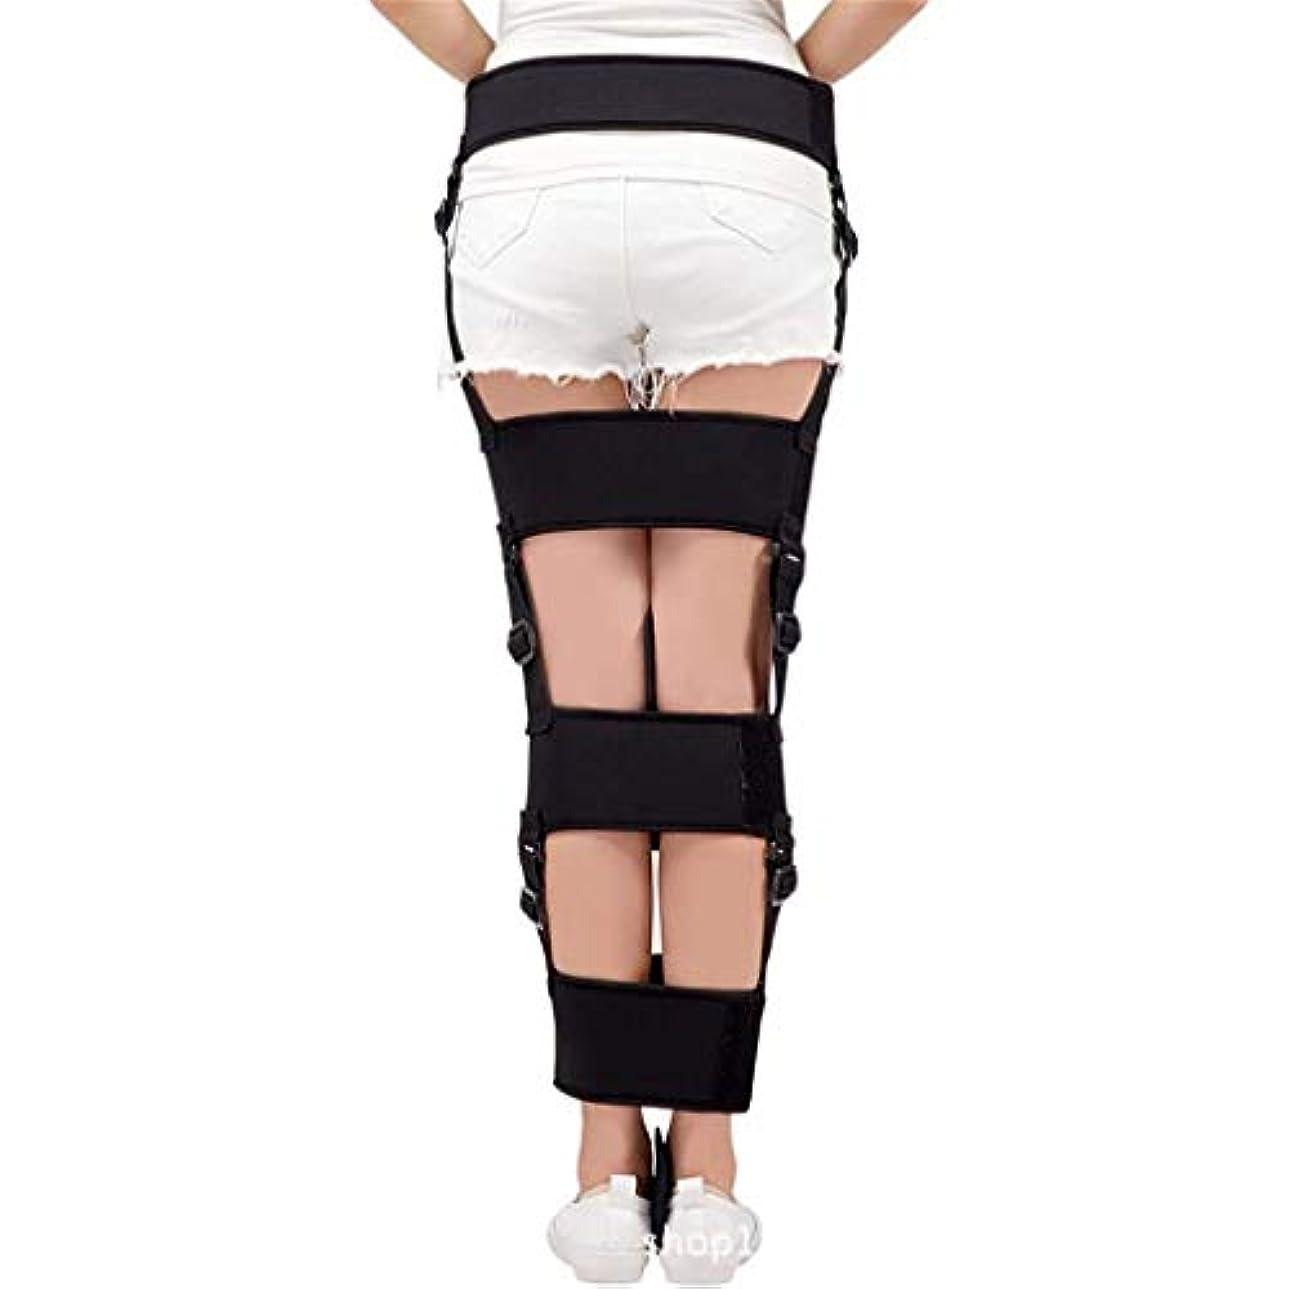 矯正ゾーン整形調節可能なO/Xタイプ脚矯正ボウレッグスレギンス股関節矯正脚コレクター使用日夜S M L XL黒太ももサポート